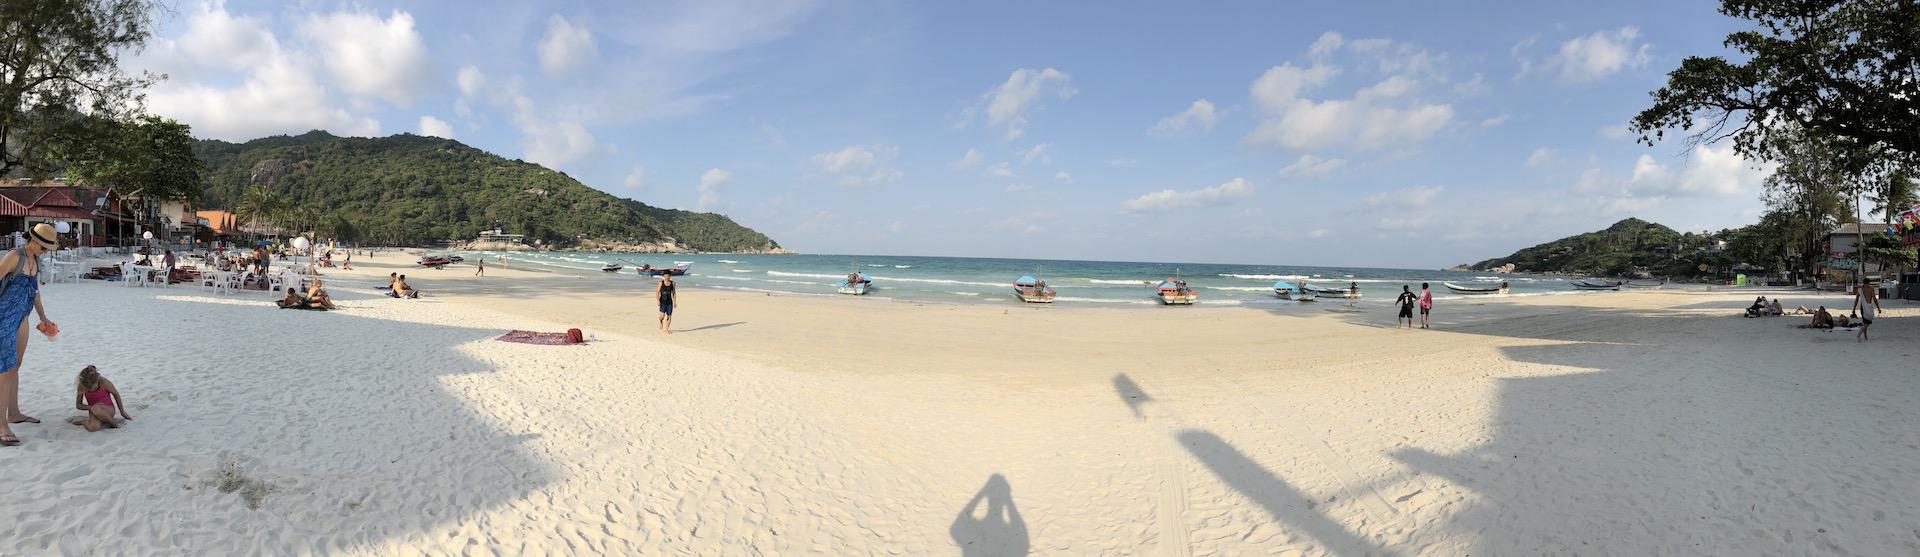 Haad Rin Beach, Kho Phangan, Thailand